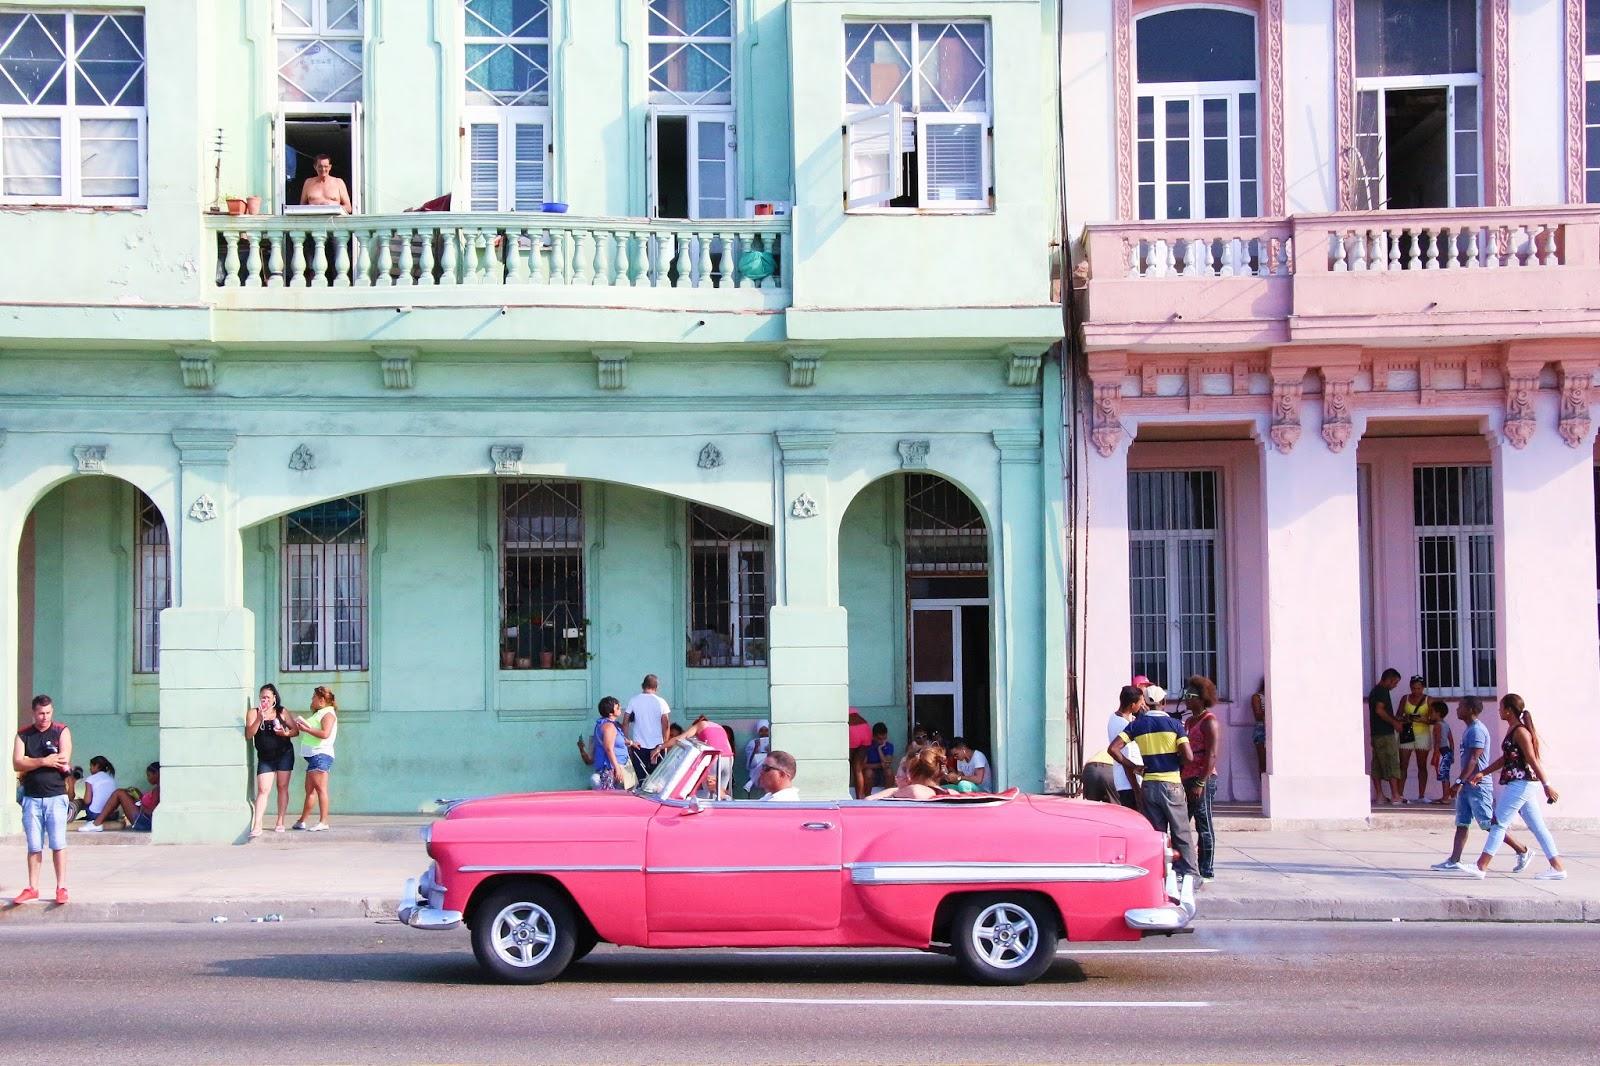 Voiture rose sur le Malecon de Cuba